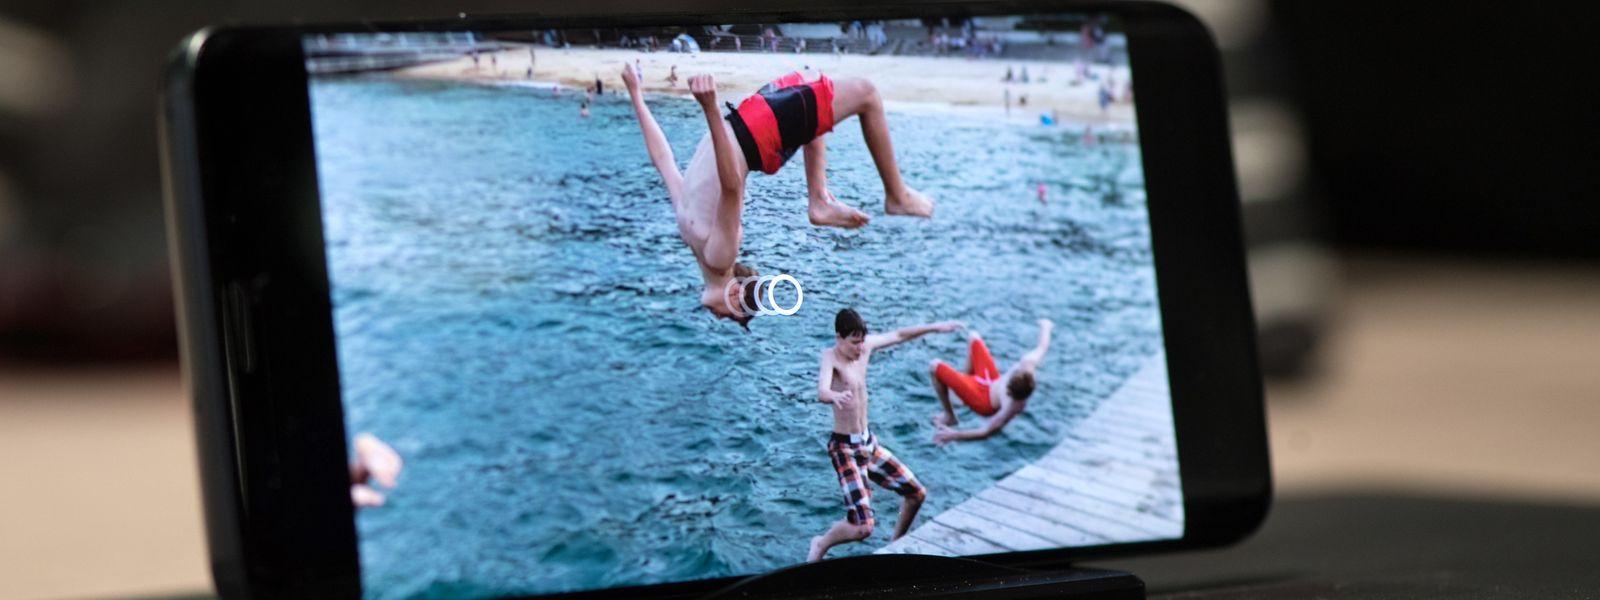 Die Superzeitlupen-Option des Samsung Galaxy S9 schießt kurze Clips mit bis zu 960 Bildern pro Sekunde.